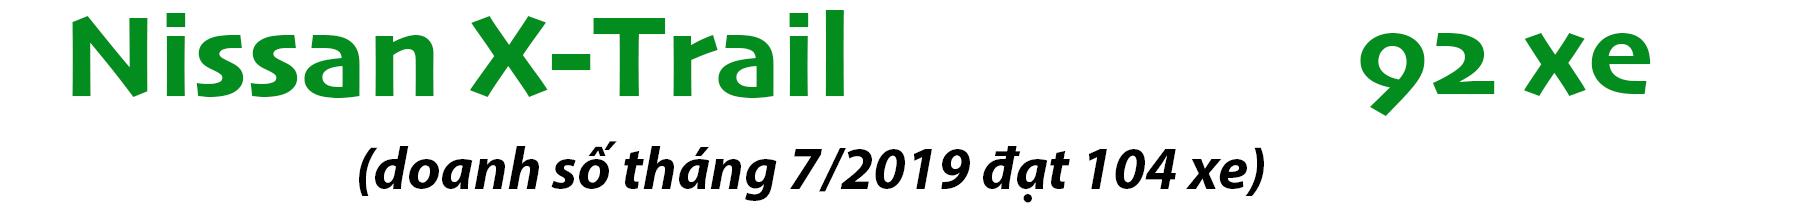 Phân khúc crossover tháng 8/2019: Xe lắp ráp trong nước thắng thế - 18